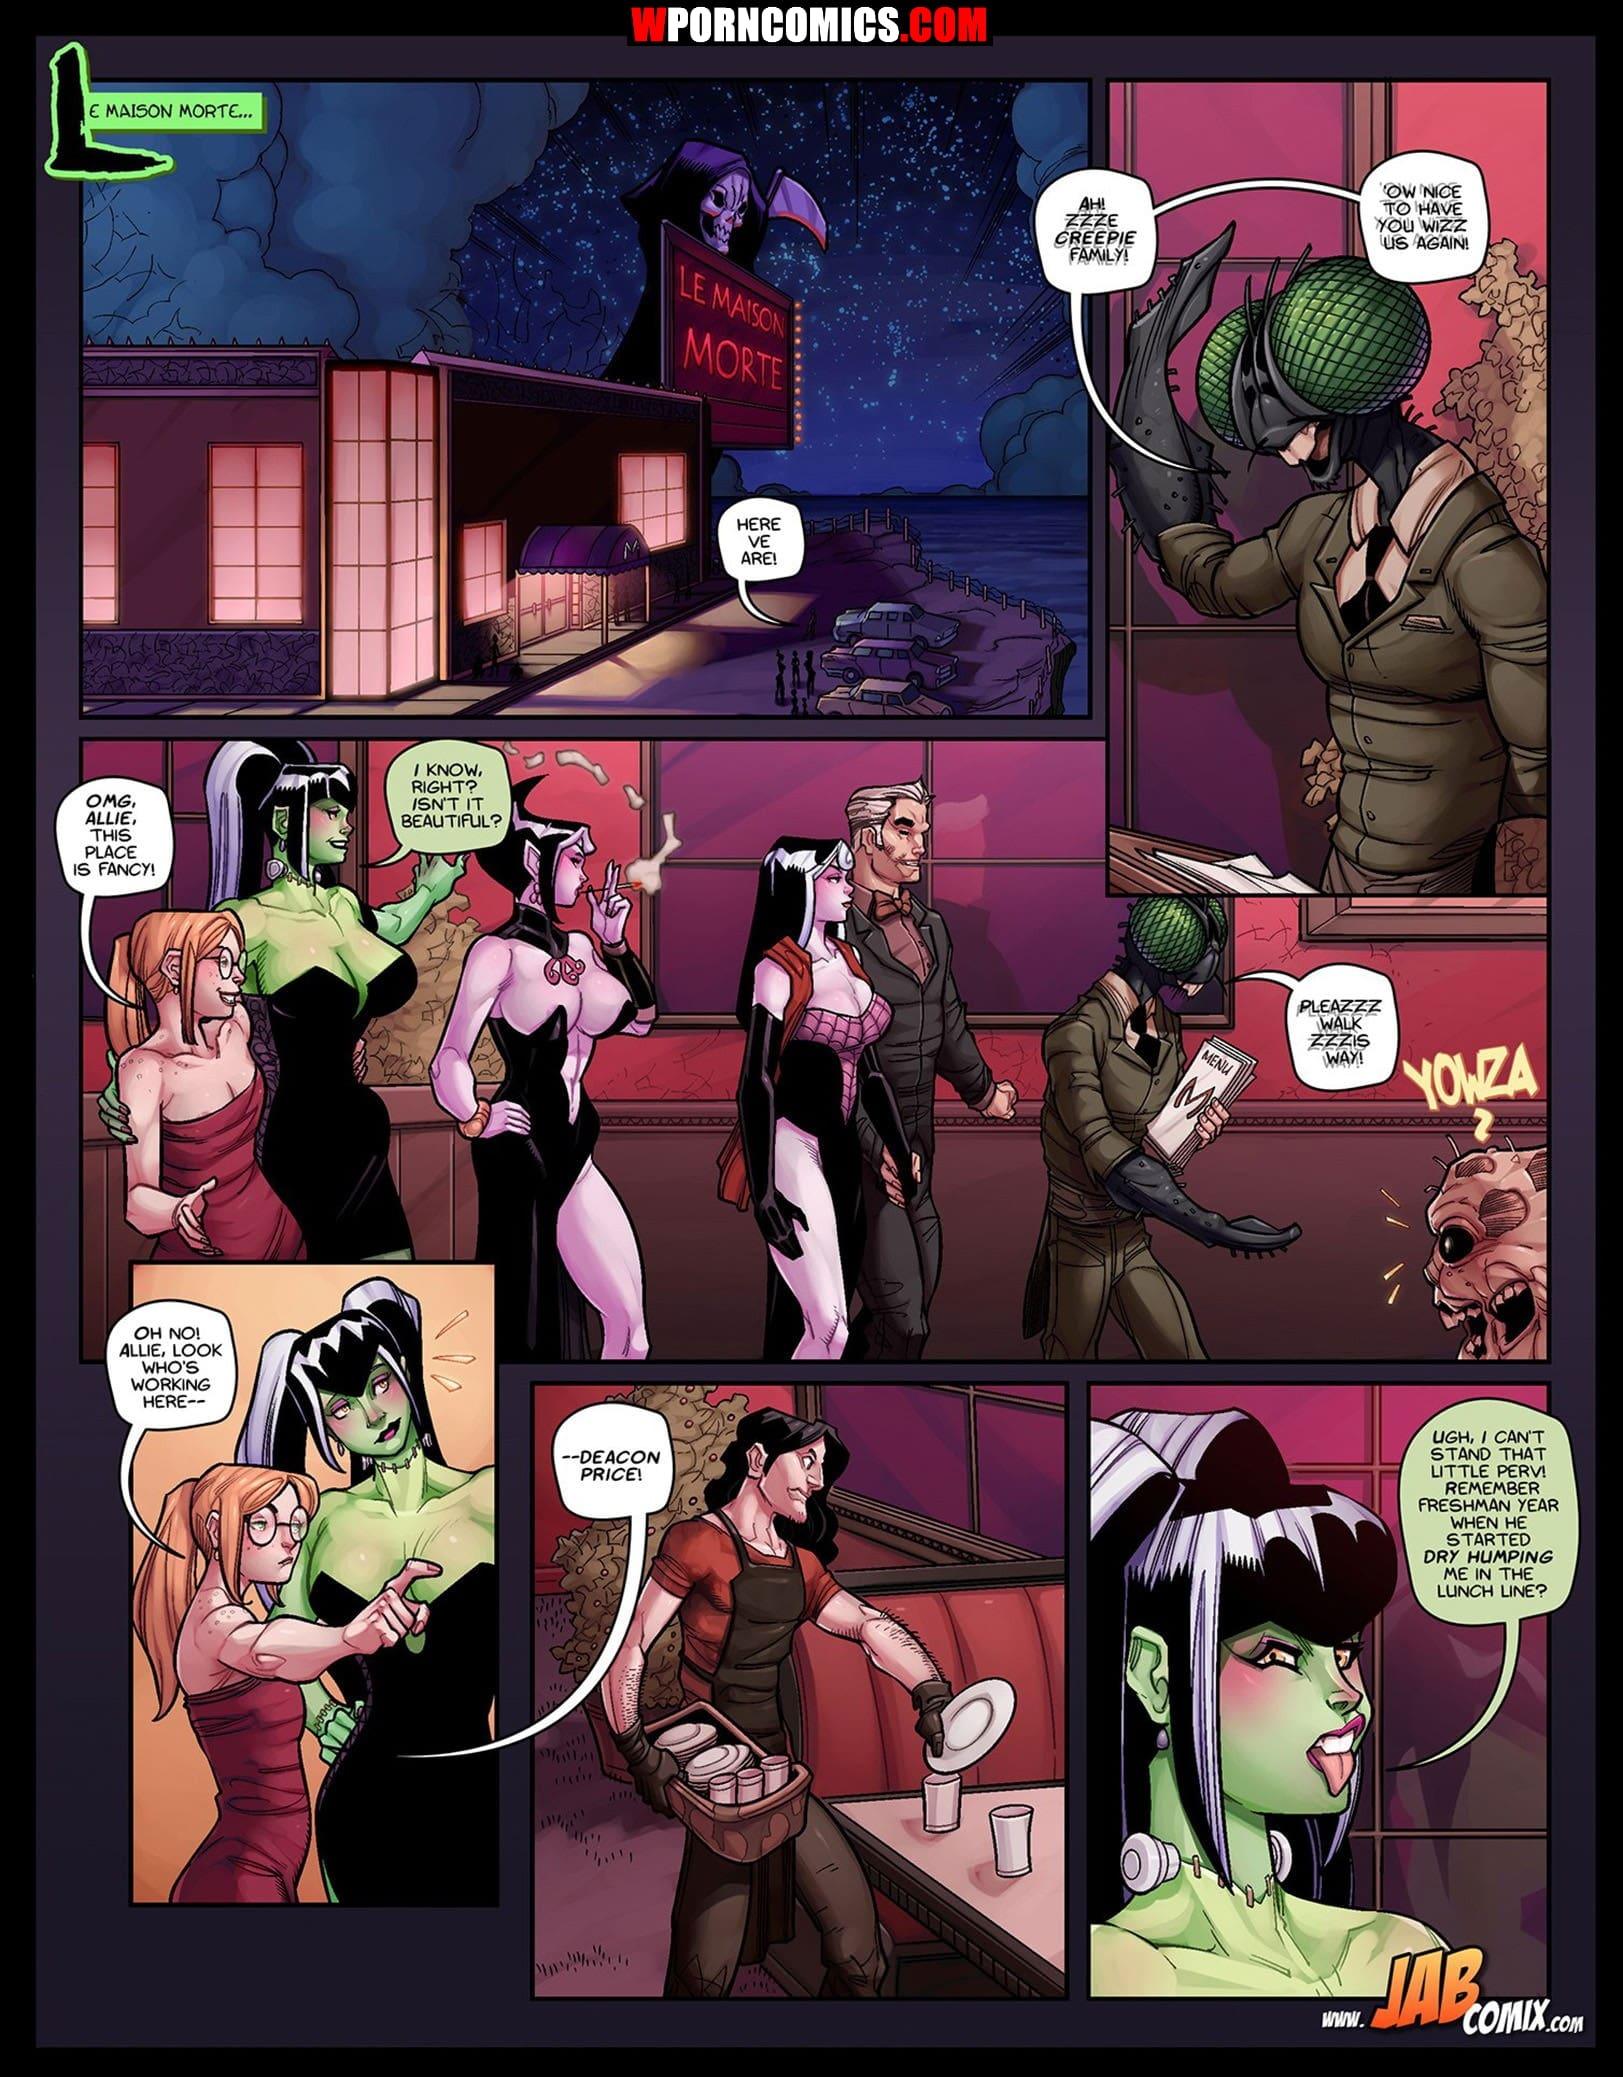 porn-comic-the-creepies-part-3-2020-02-14/porn-comic-the-creepies-part-3-2020-02-14-5947.jpg